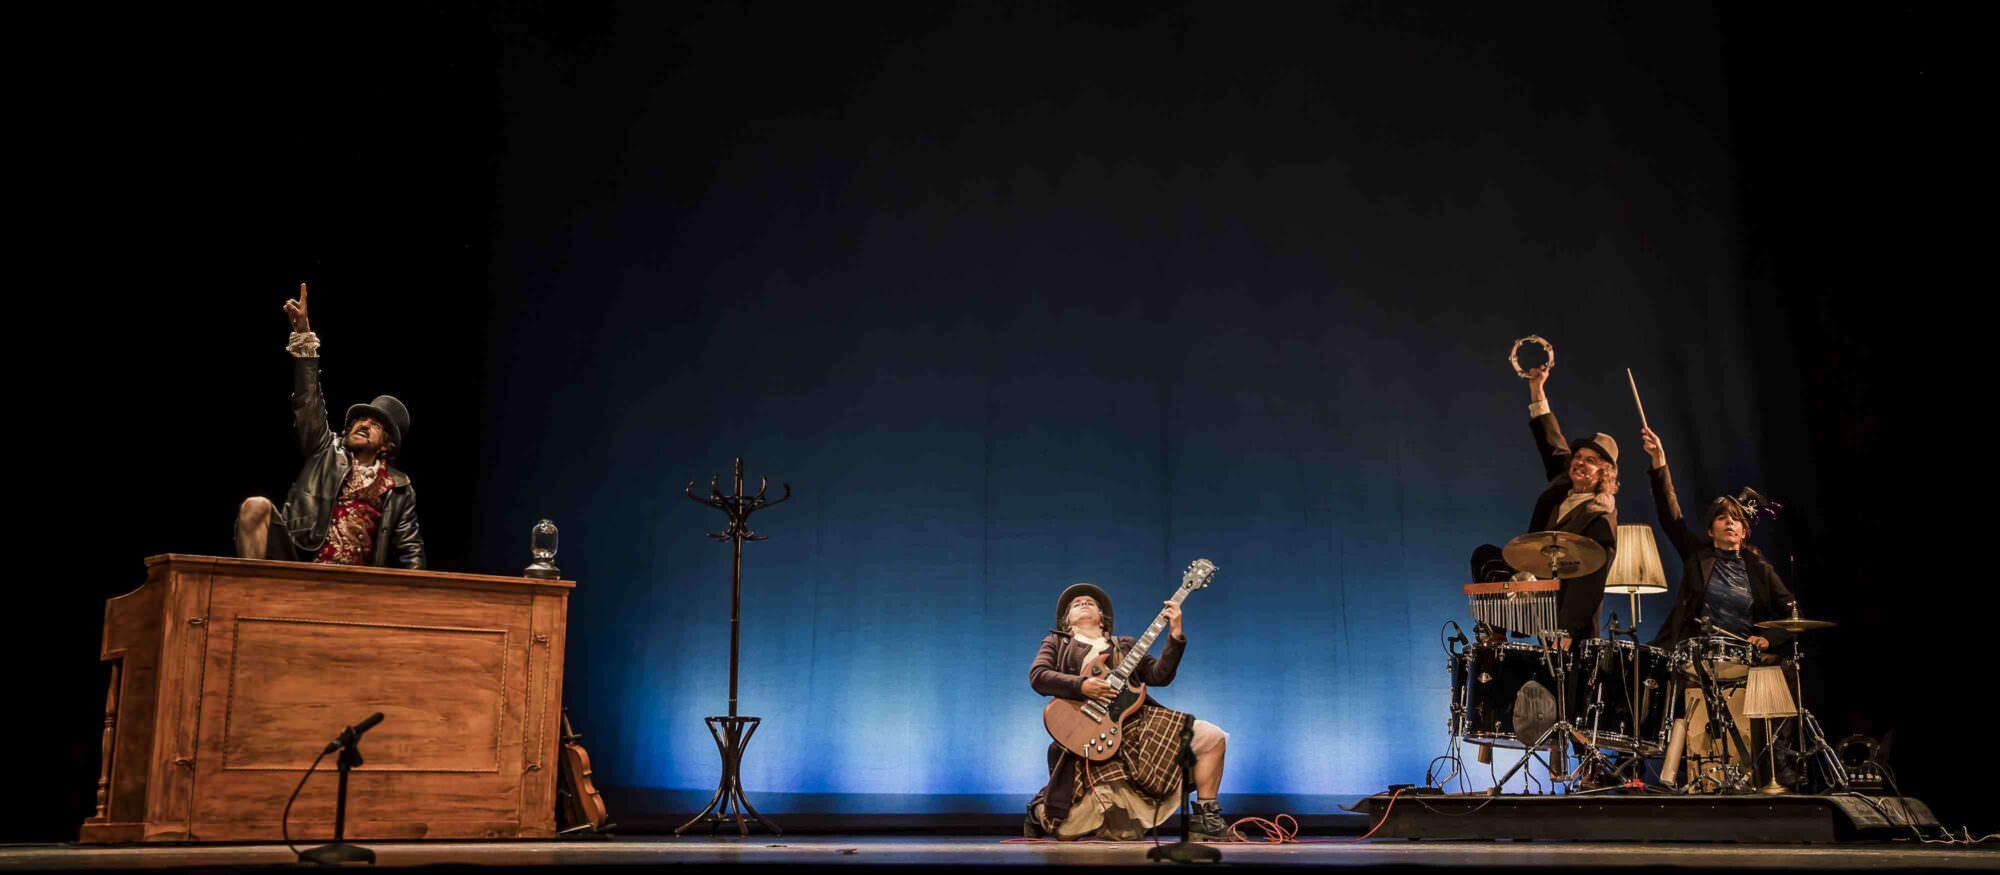 Un instante de 'Paüra', de la compañía Lucas Escobedo. Fotografía cortesía del Teatre Rialto.